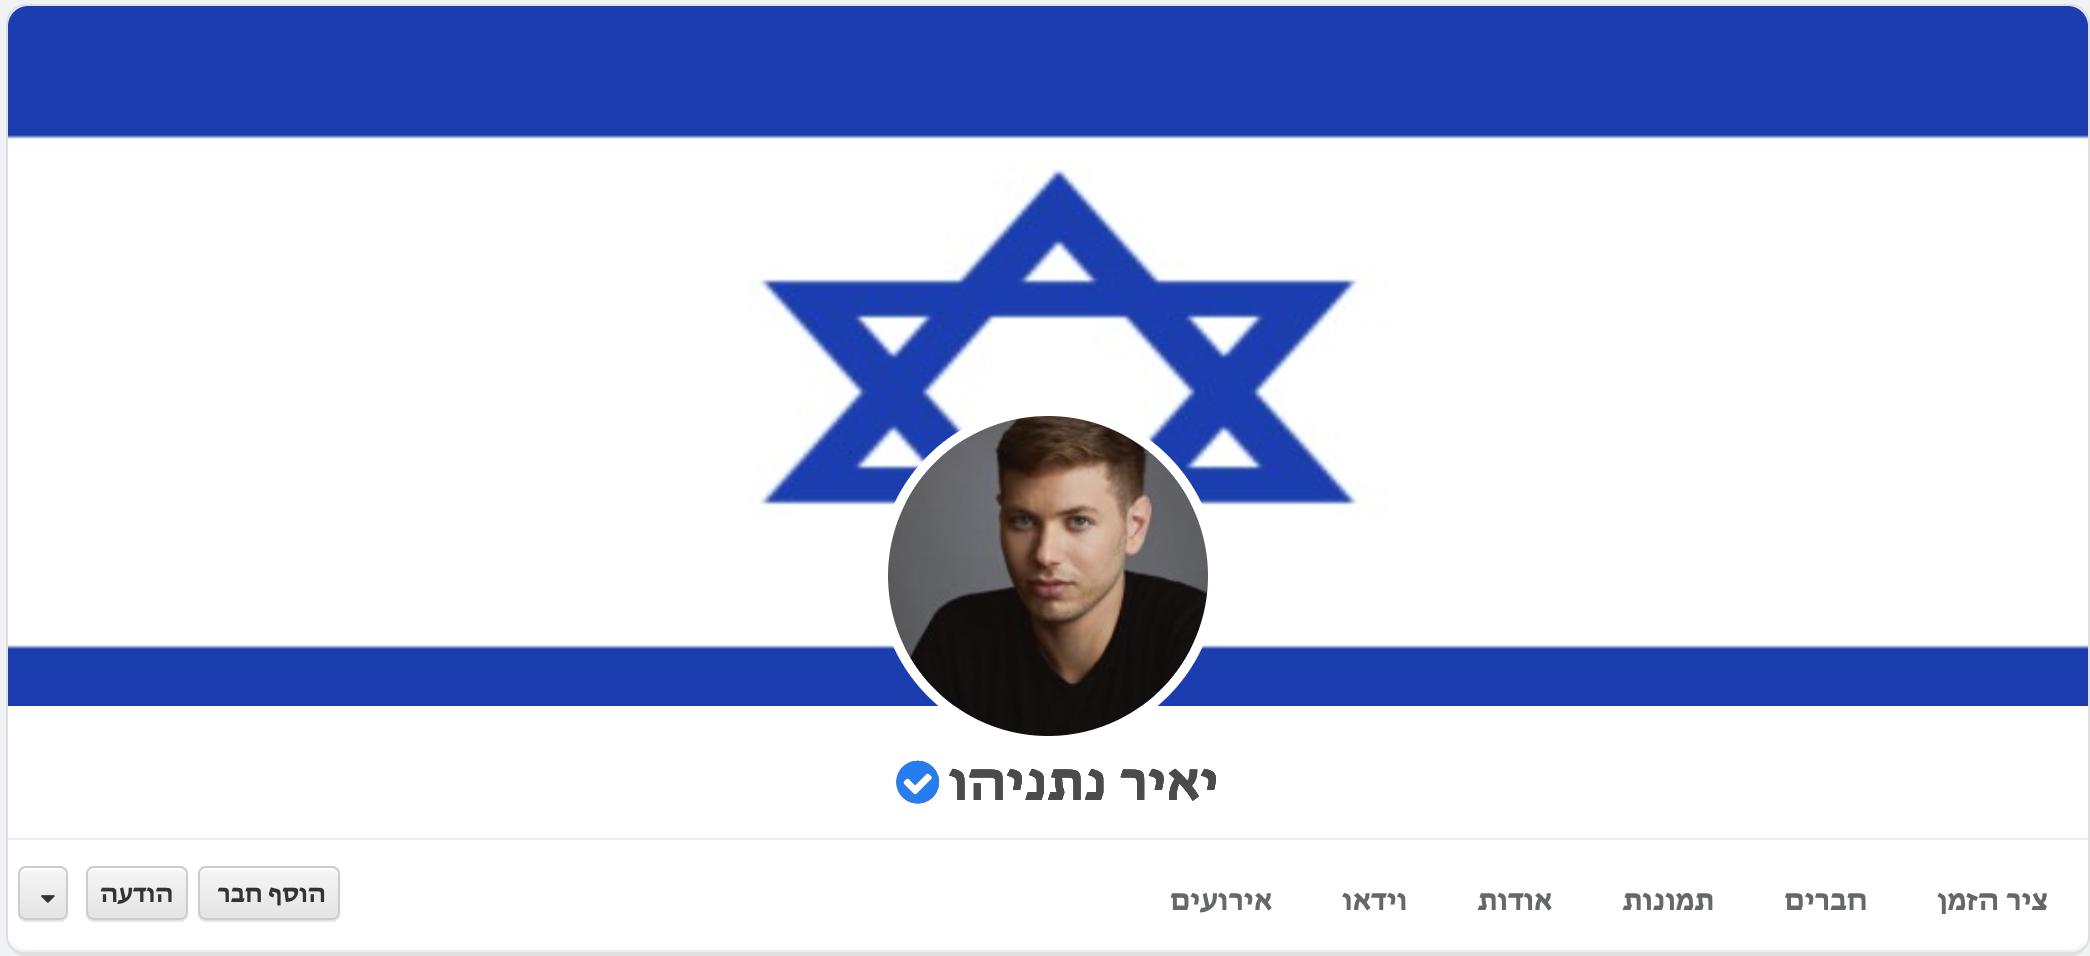 יאיר נתניהו הצטרף לרשת החברתית מייקי. בועז גולן: ״אלפים הצטרפו ב-24 השעות האחרונות״